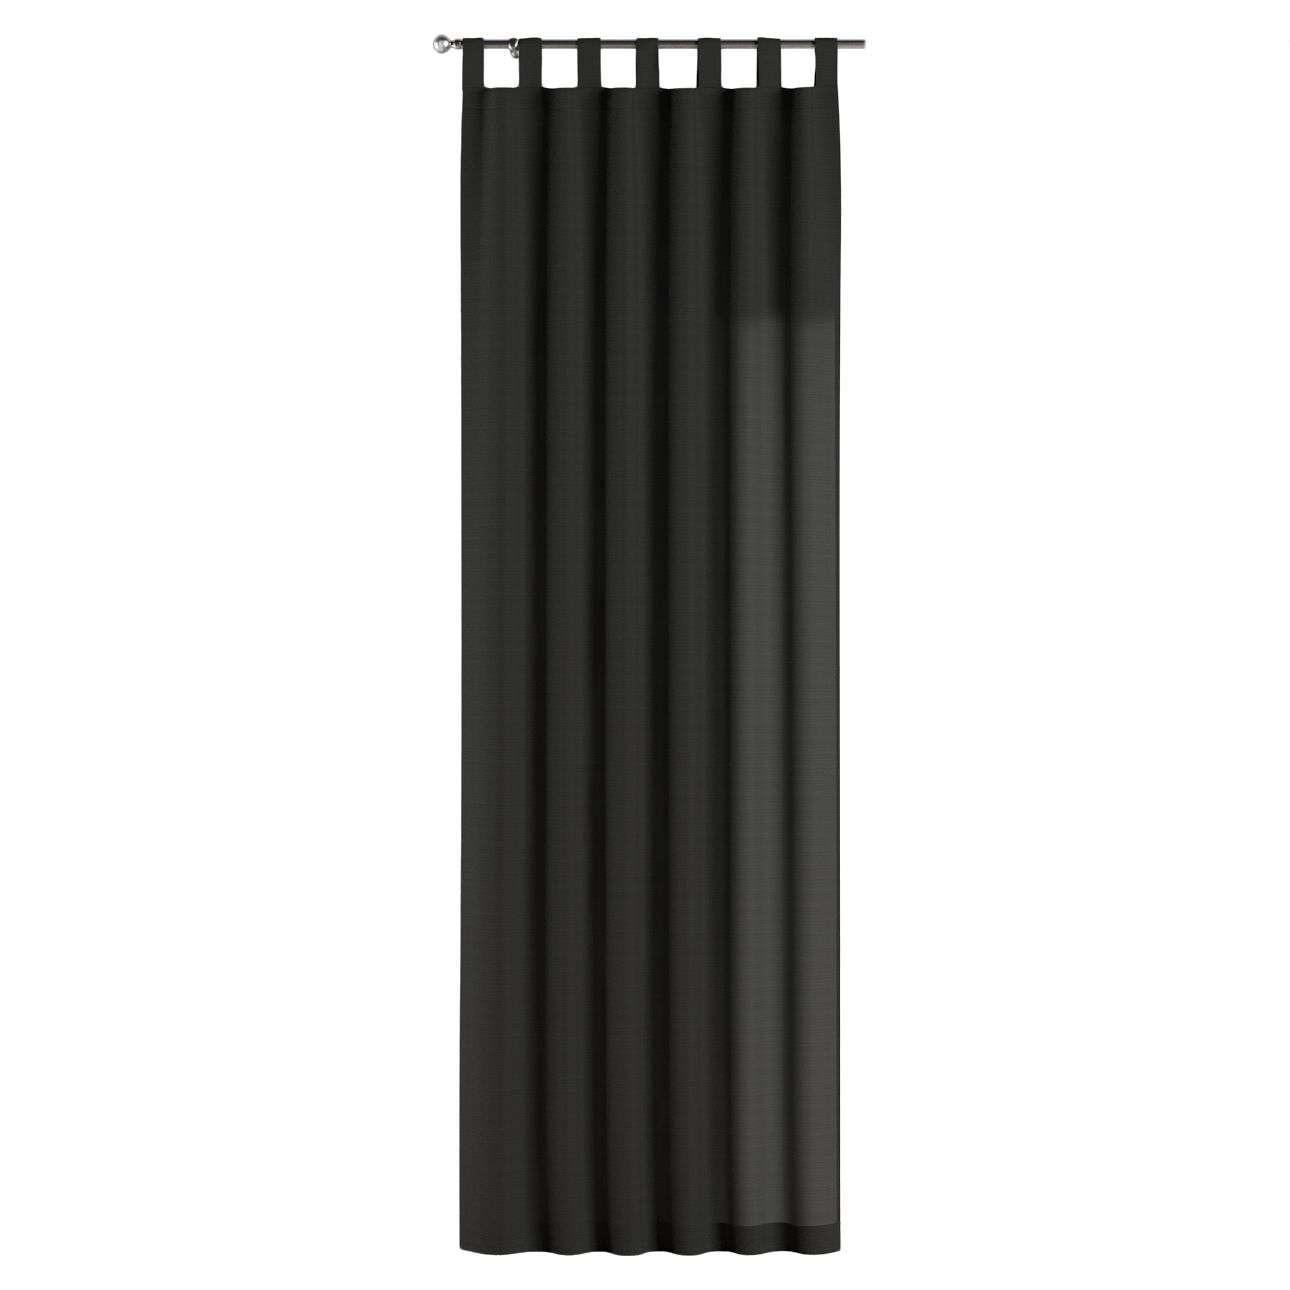 Gardin med stropper 130 x 260 cm fra kollektionen Jupiter, Stof: 127-99